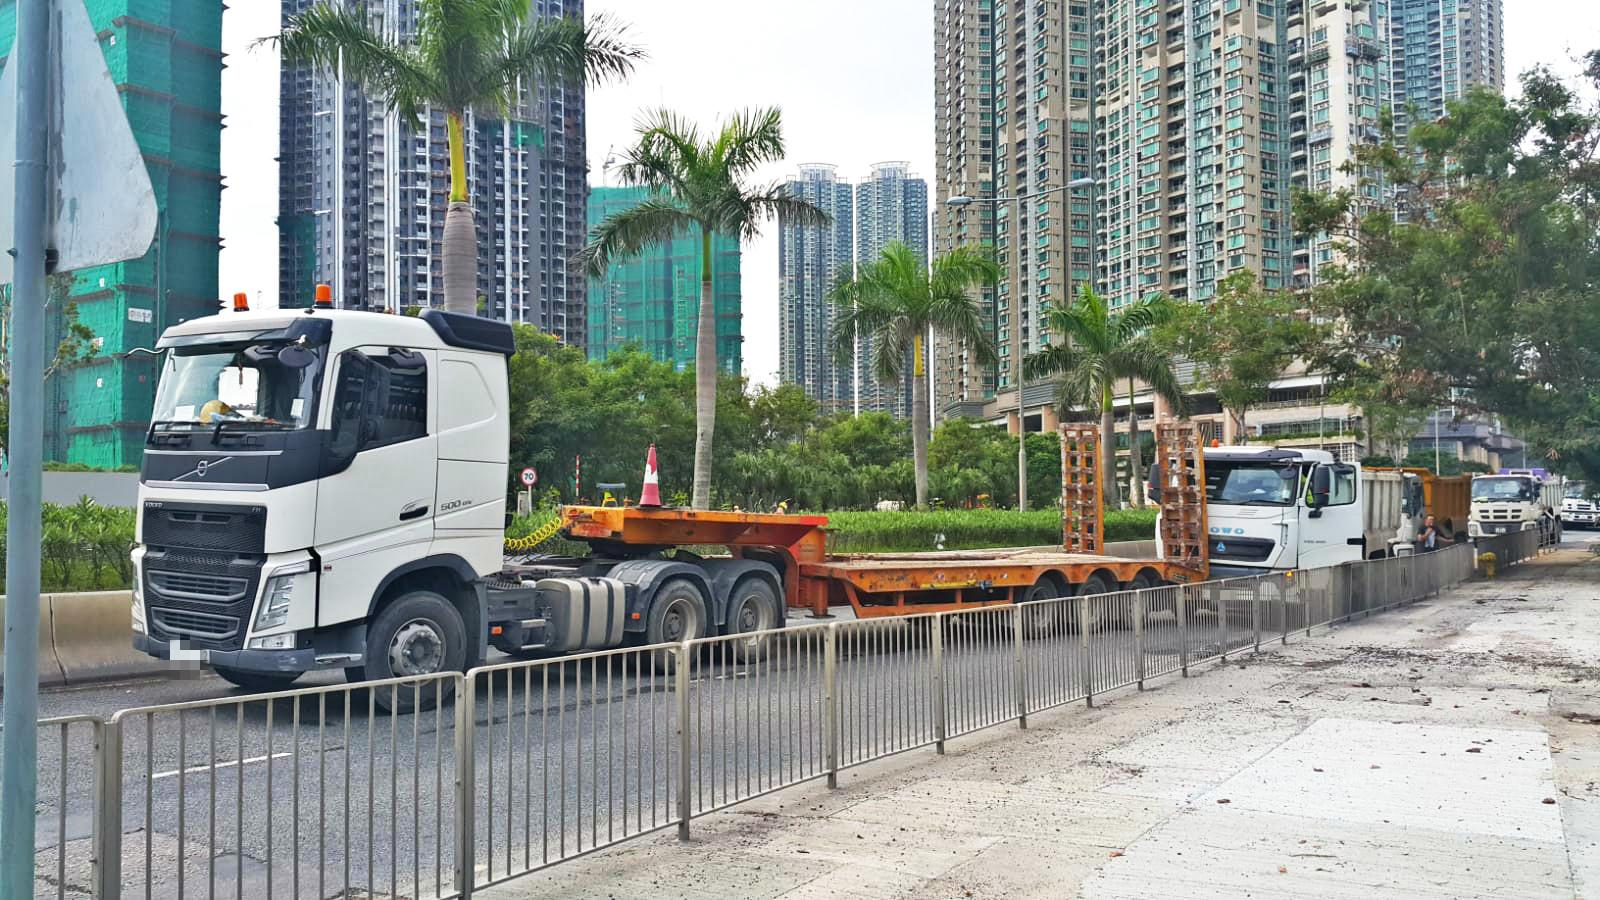 將軍澳環保大道貨櫃拖架與泥頭車相撞。